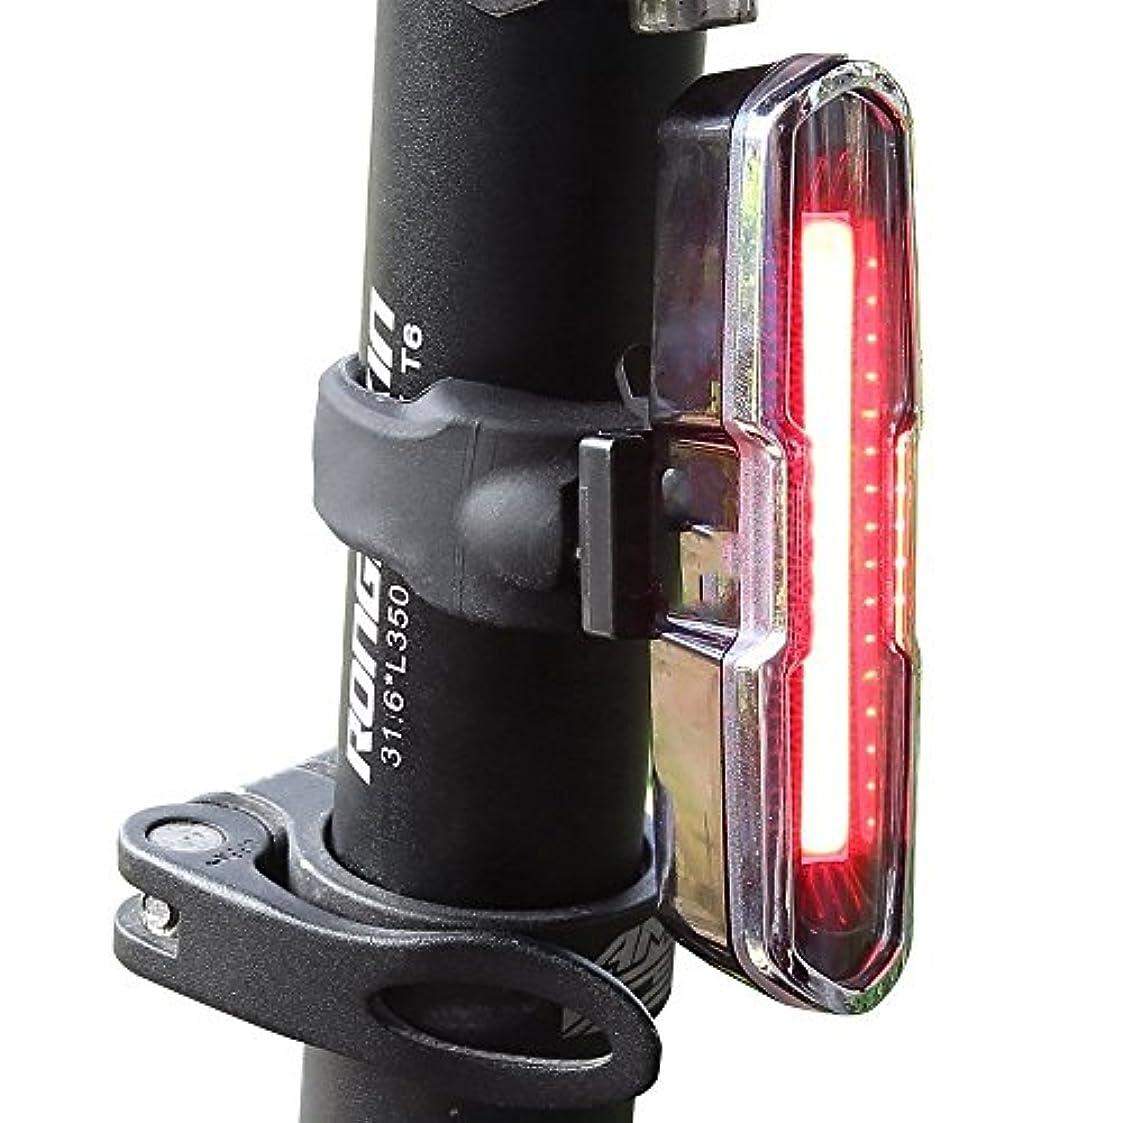 月面蚊果てしない充電式自転車ライト 赤と青のUSB充電式自転車テールライト-COBスーパーブライトヘルメットライト - マウンテンバイク用ライト